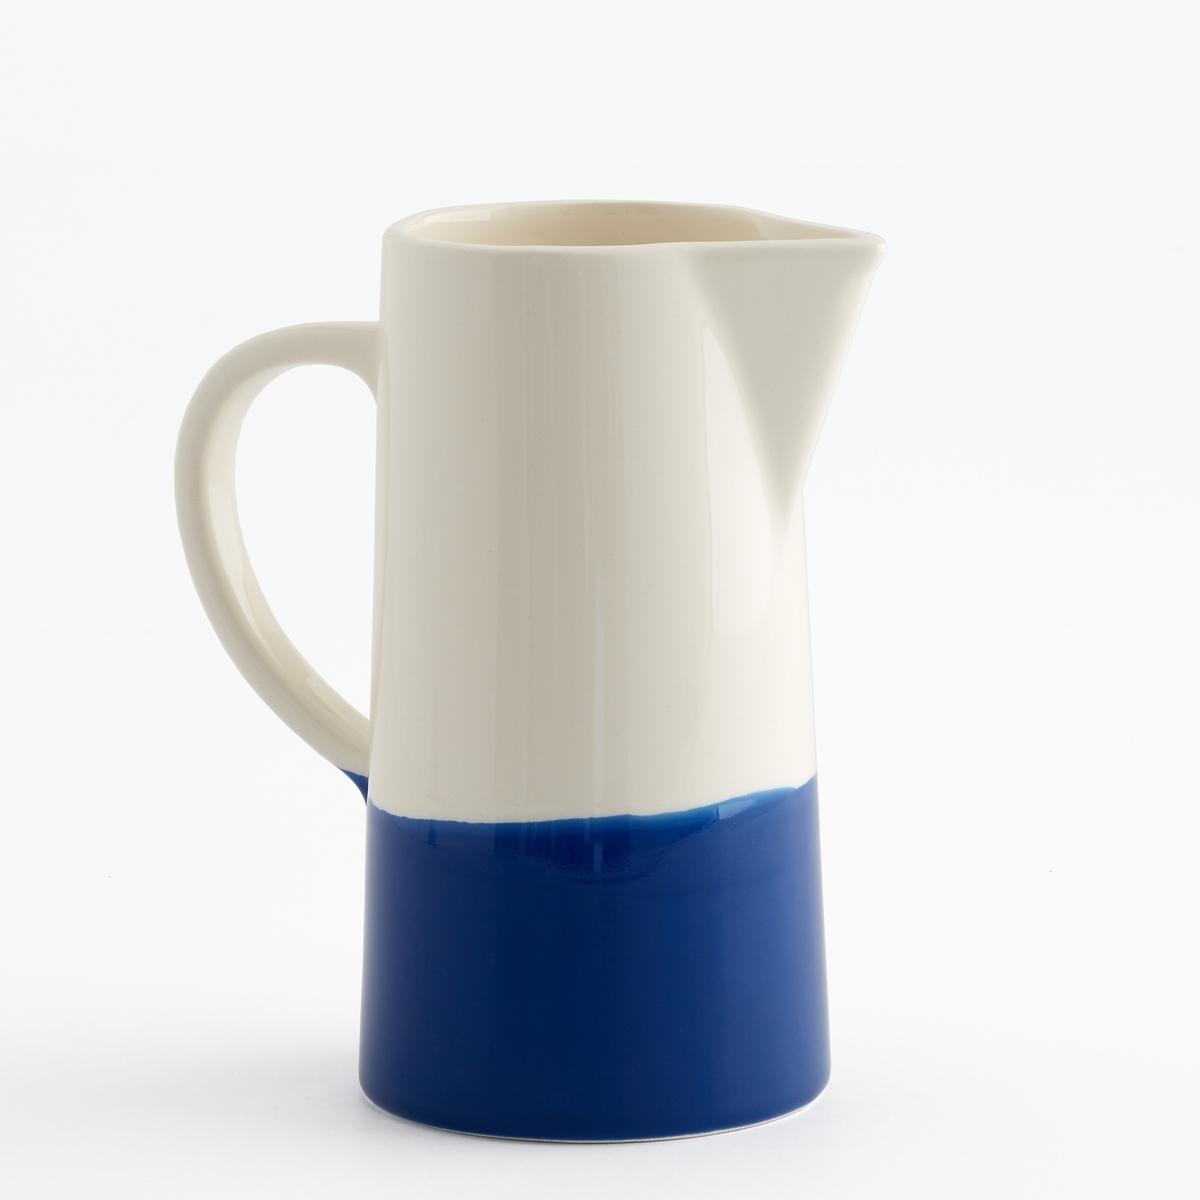 Графин двухцветный из керамики, ZalatoХарактеристики двухцветного графина из керамики Zalato :Керамика.Размеры двухцветного графина из керамики Zalato :Высота : 15,5 см.Диаметр. внизу : 10,5 cм.Диаметр. вверху : 8,5 см.Цвета двухцветного графина из керамики Zalato :Белый / розовый.Белый / синий.Белый / зеленый. Другие графины и предметы декора стола вы можете найти на сайте laredoute.ru<br><br>Цвет: белый + зелено-голубой,белый + розовый,белый + синий индиго